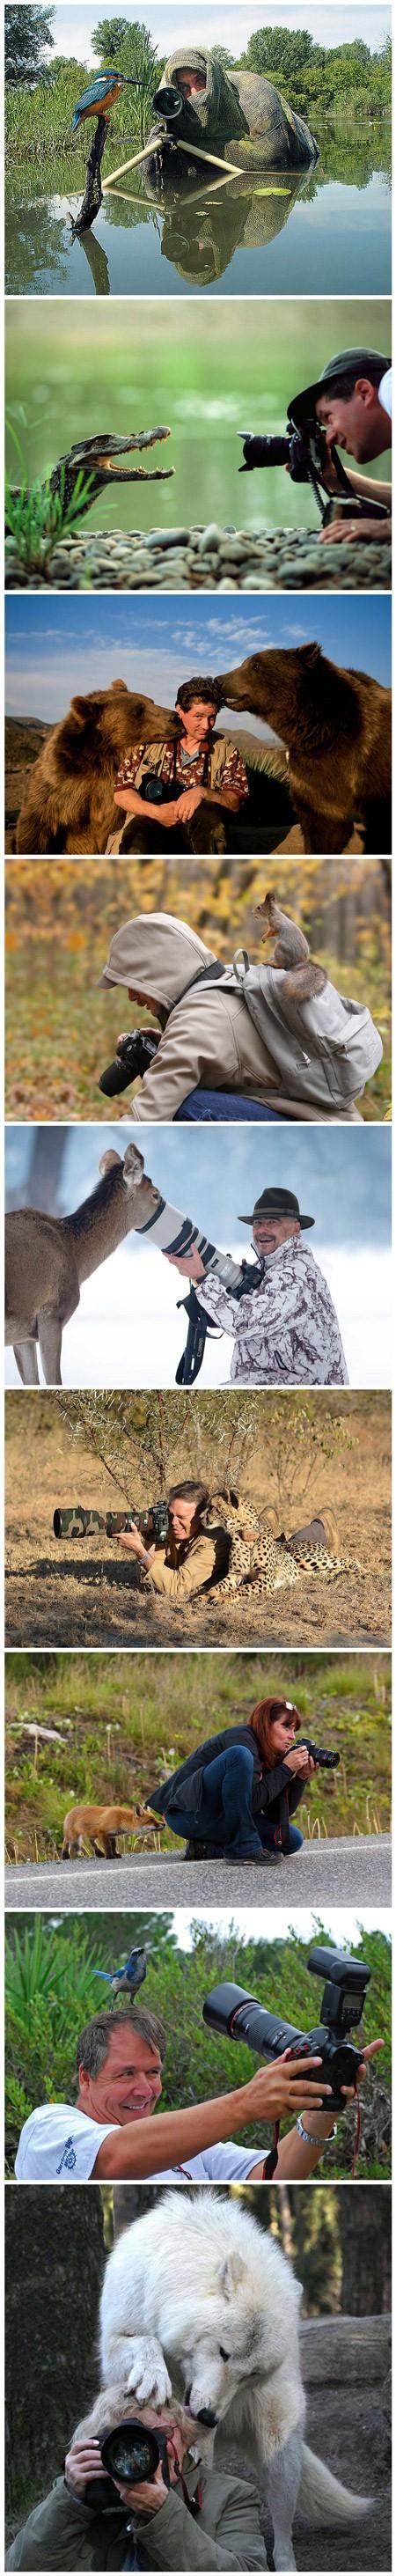 摄影师与动物们的亲密接触,太和谐了